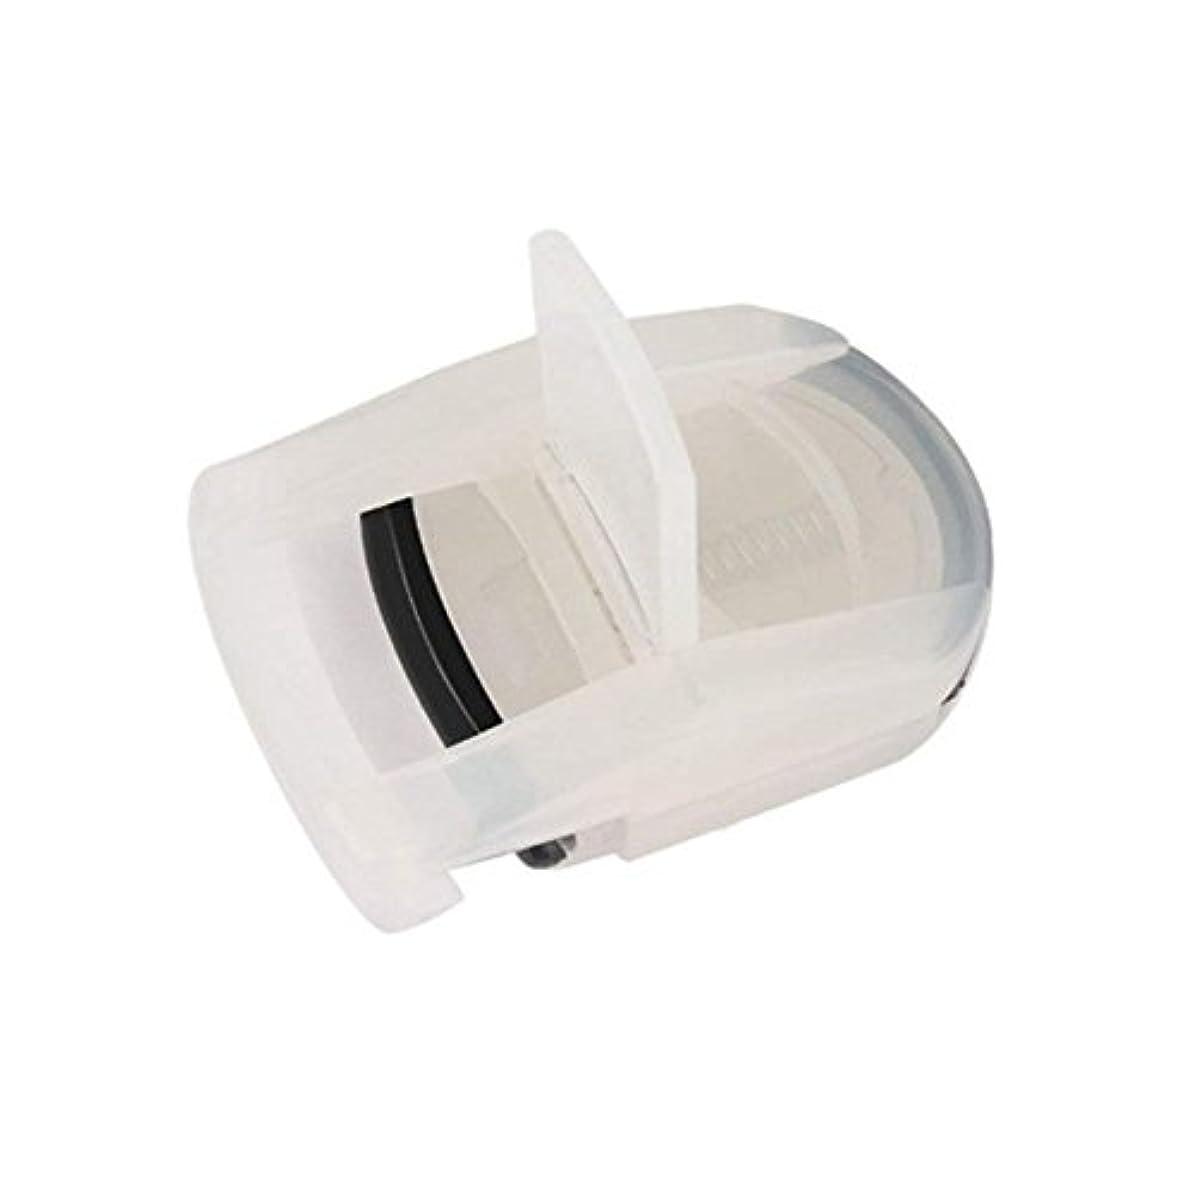 算術職業トロリー山の奥 アイラッシュカーラー ビューラー カーラー 化粧 高級感 まつげを扇状 携帯用